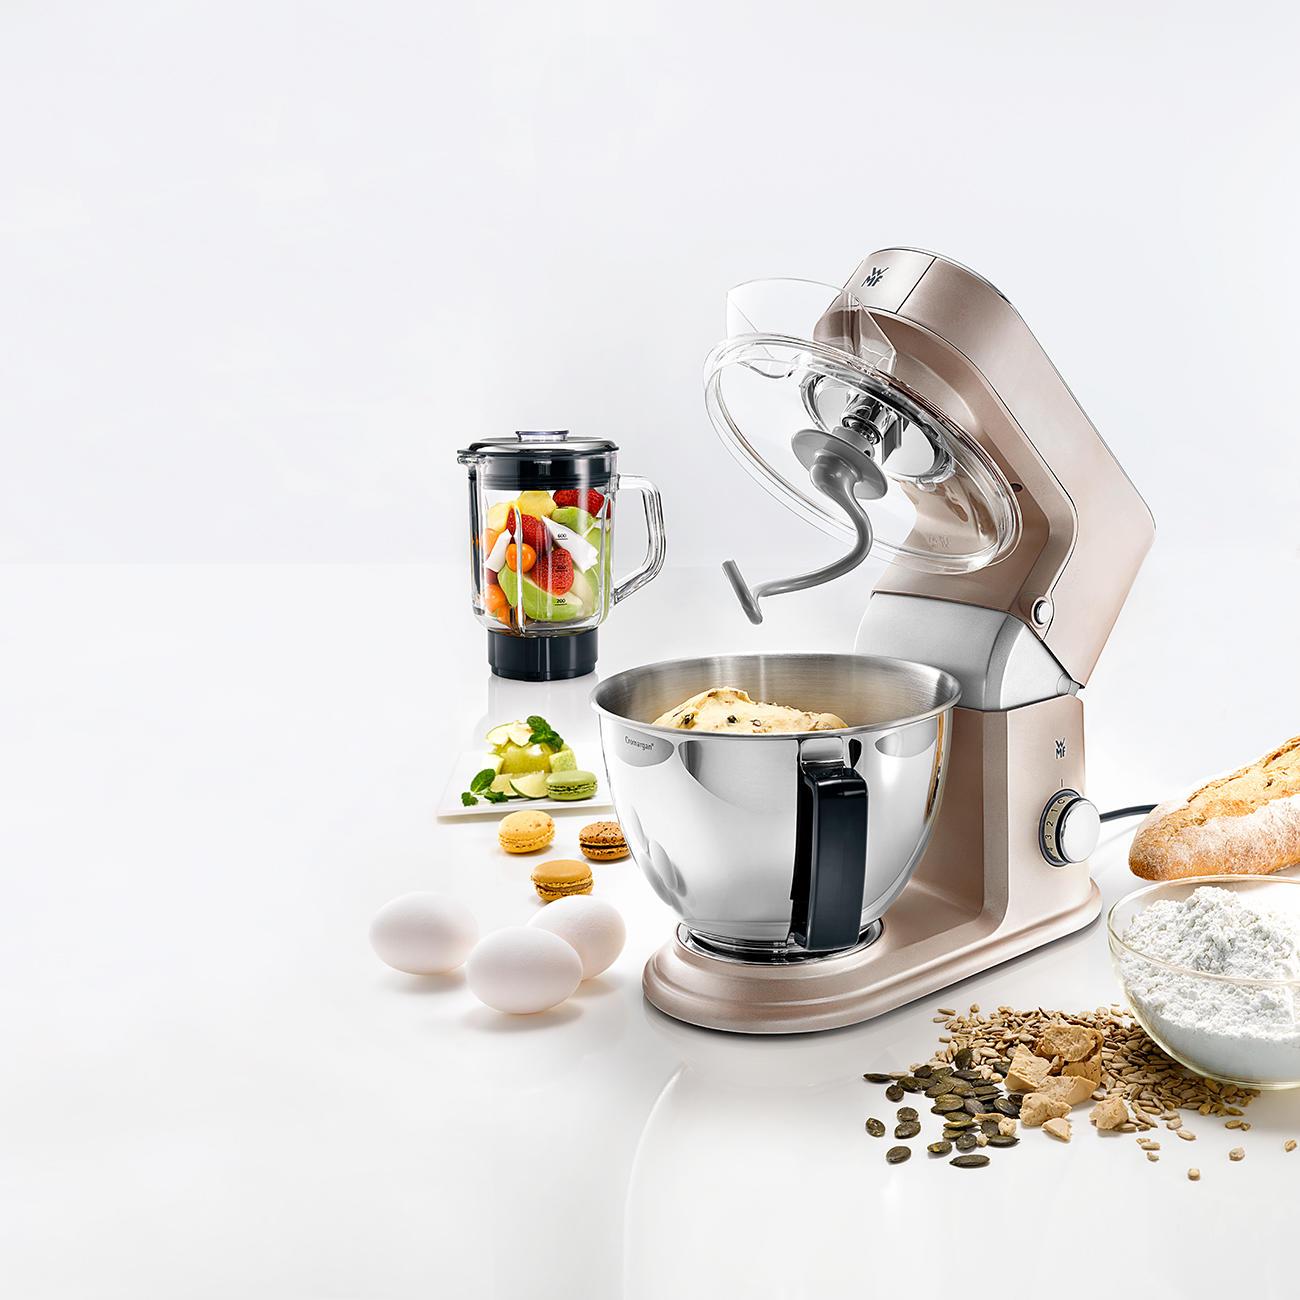 Wmf Küchenminis Küchenmaschine 2021